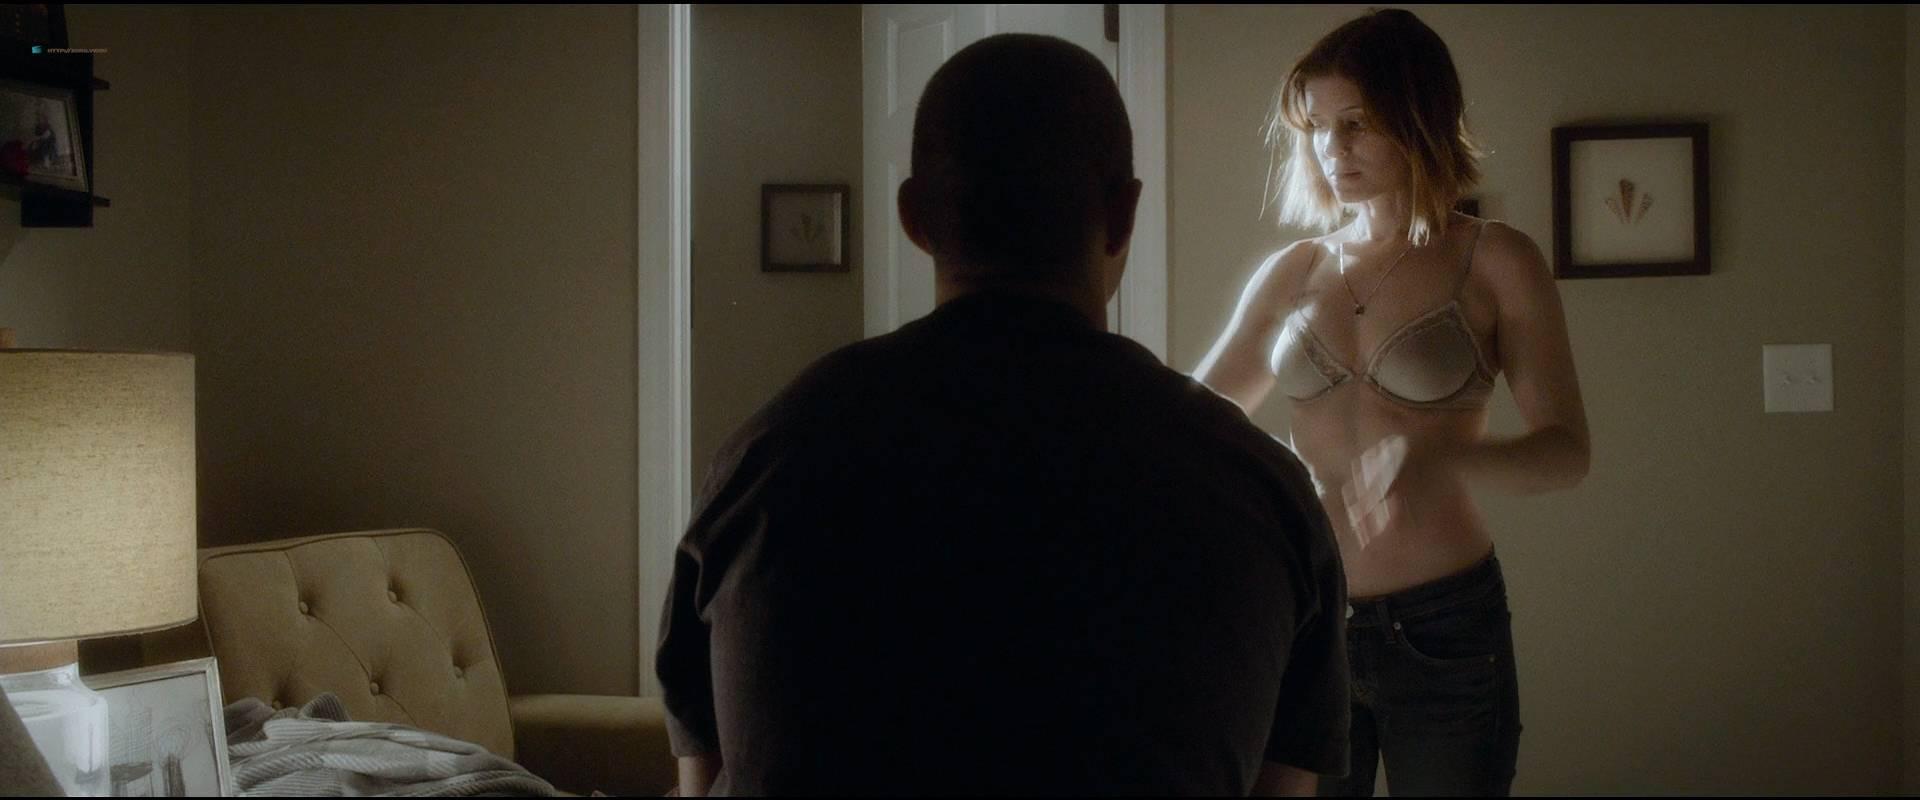 Torrie wilson nude sexy